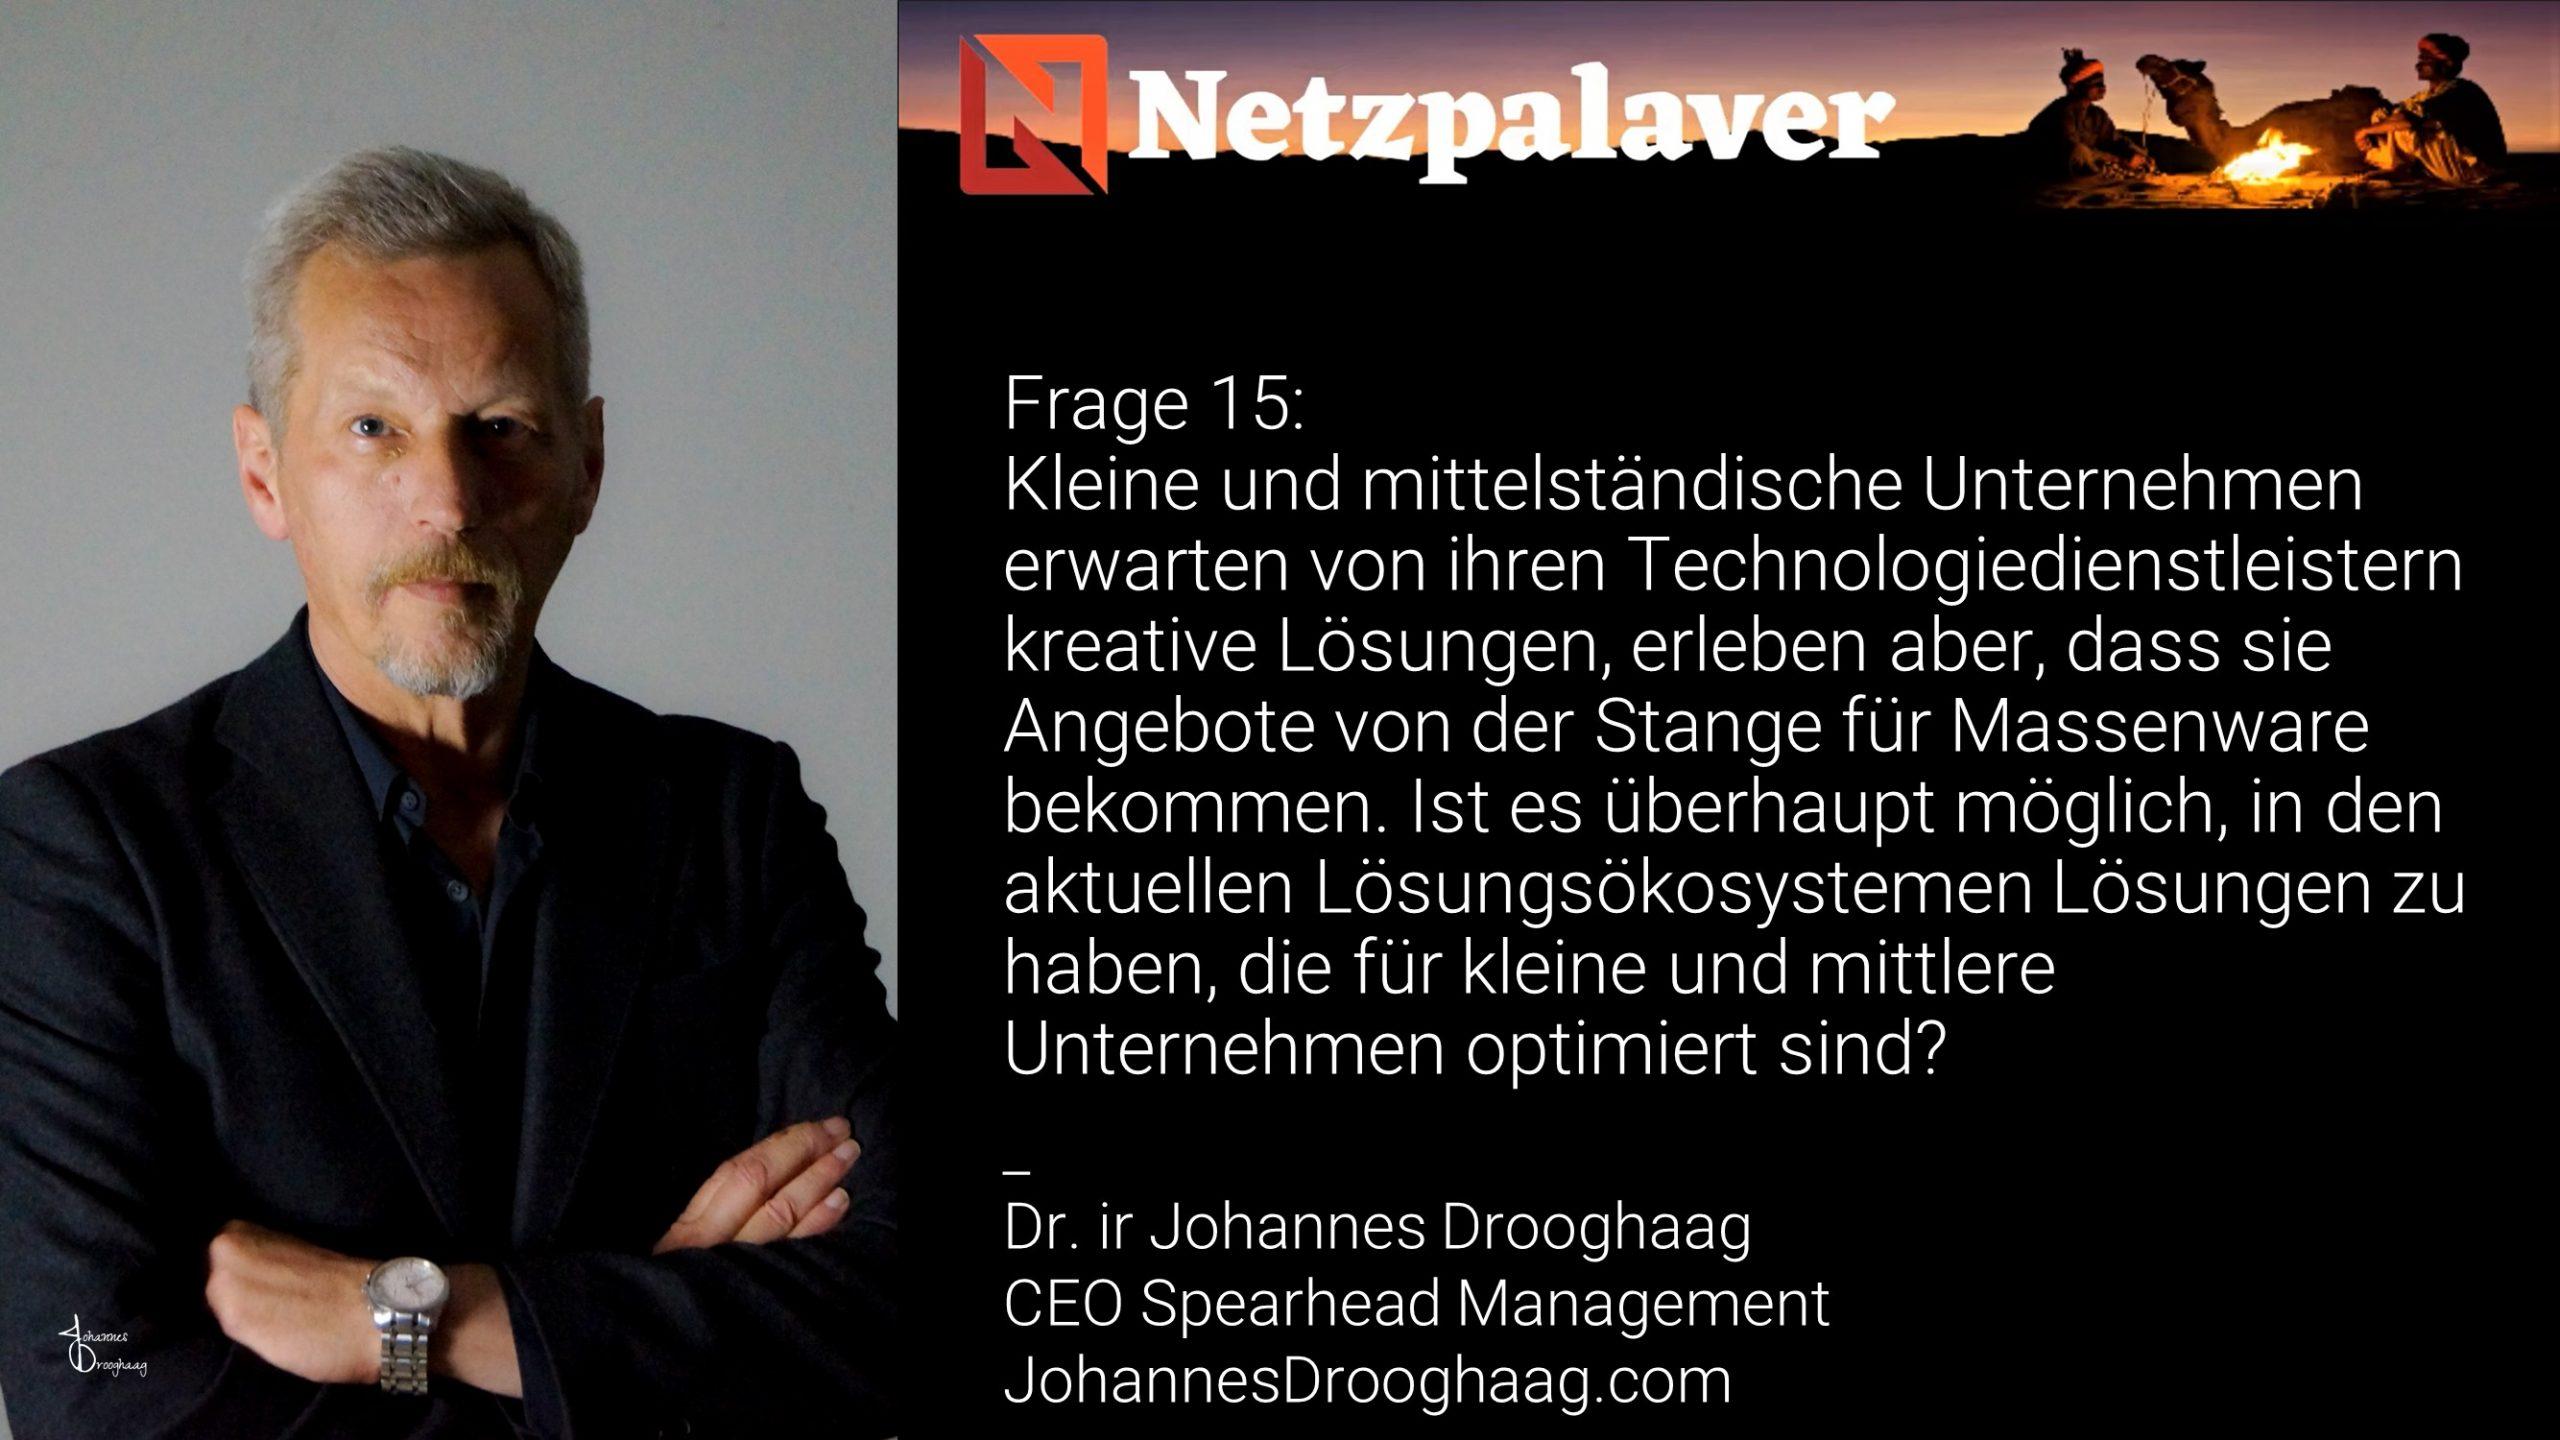 Netzpalaver: Mittelstand und Digitalisierung - Frage 15